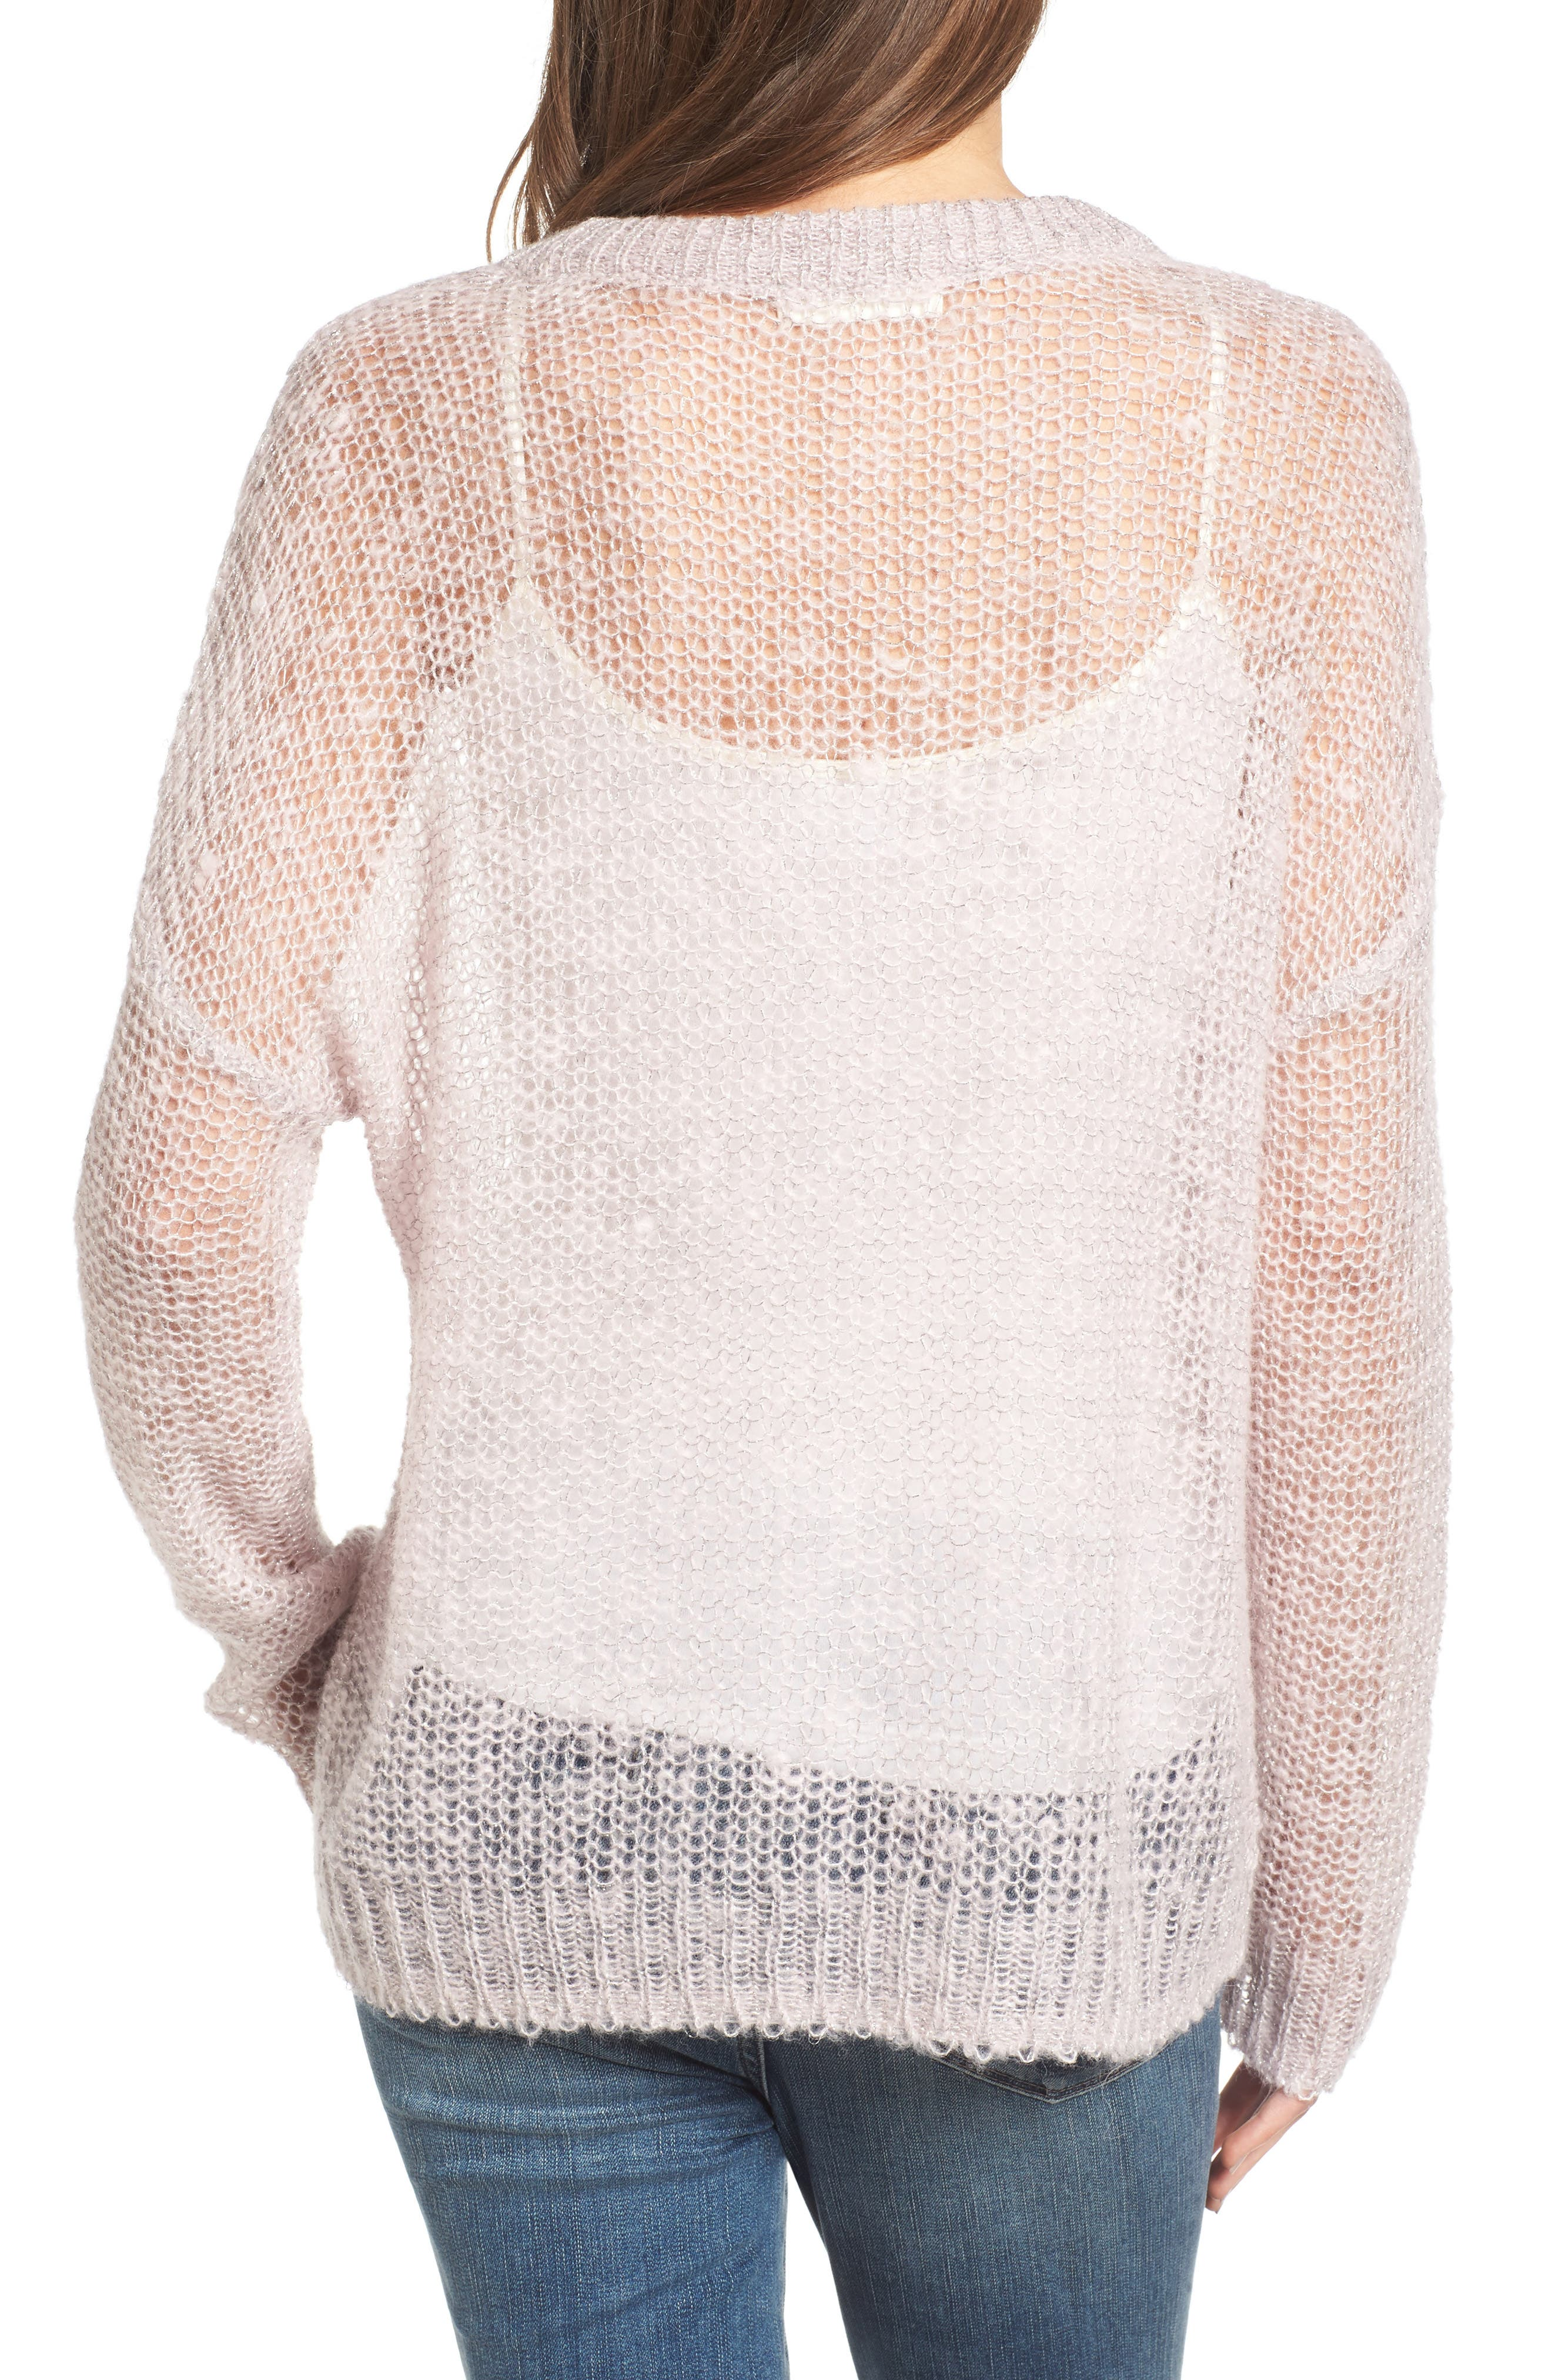 x Something Navy Sheer Metallic Sweater,                             Alternate thumbnail 2, color,                             Pink Parfait Combo